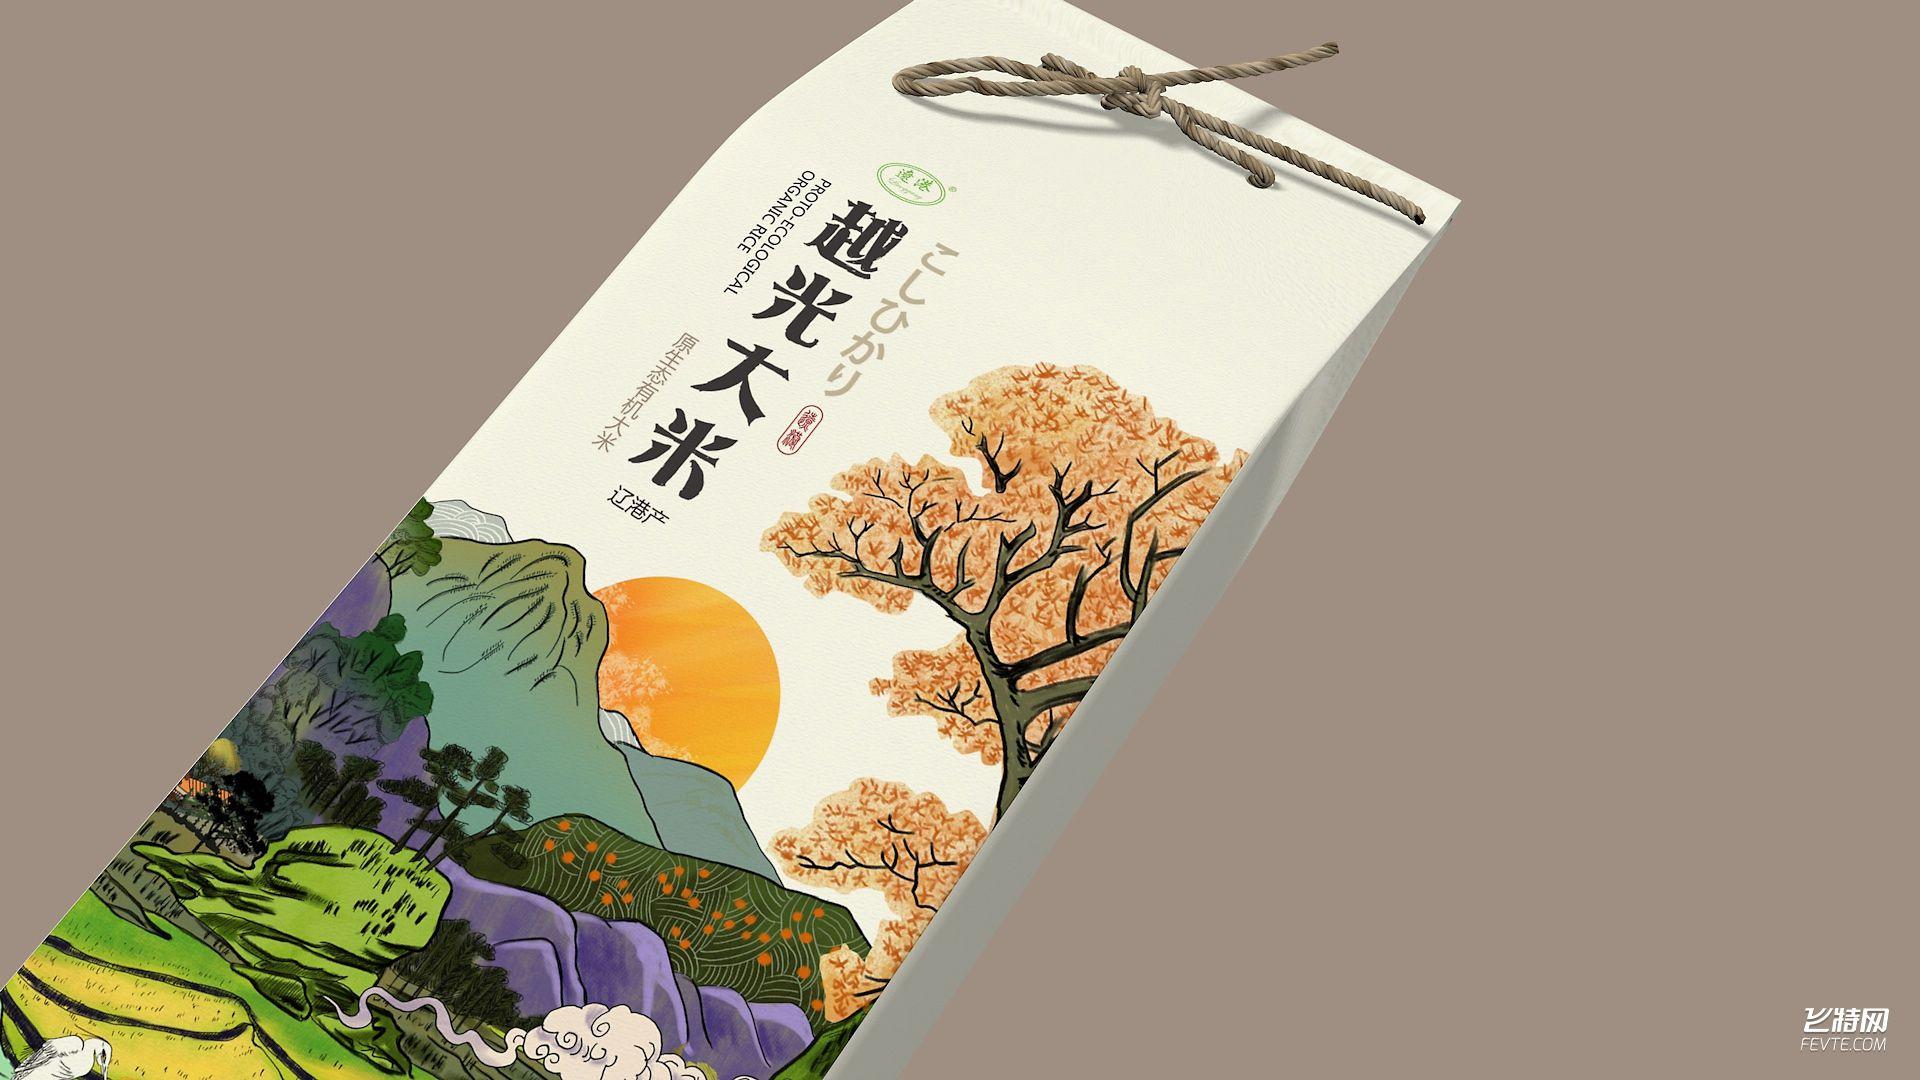 辽港大米包装设计